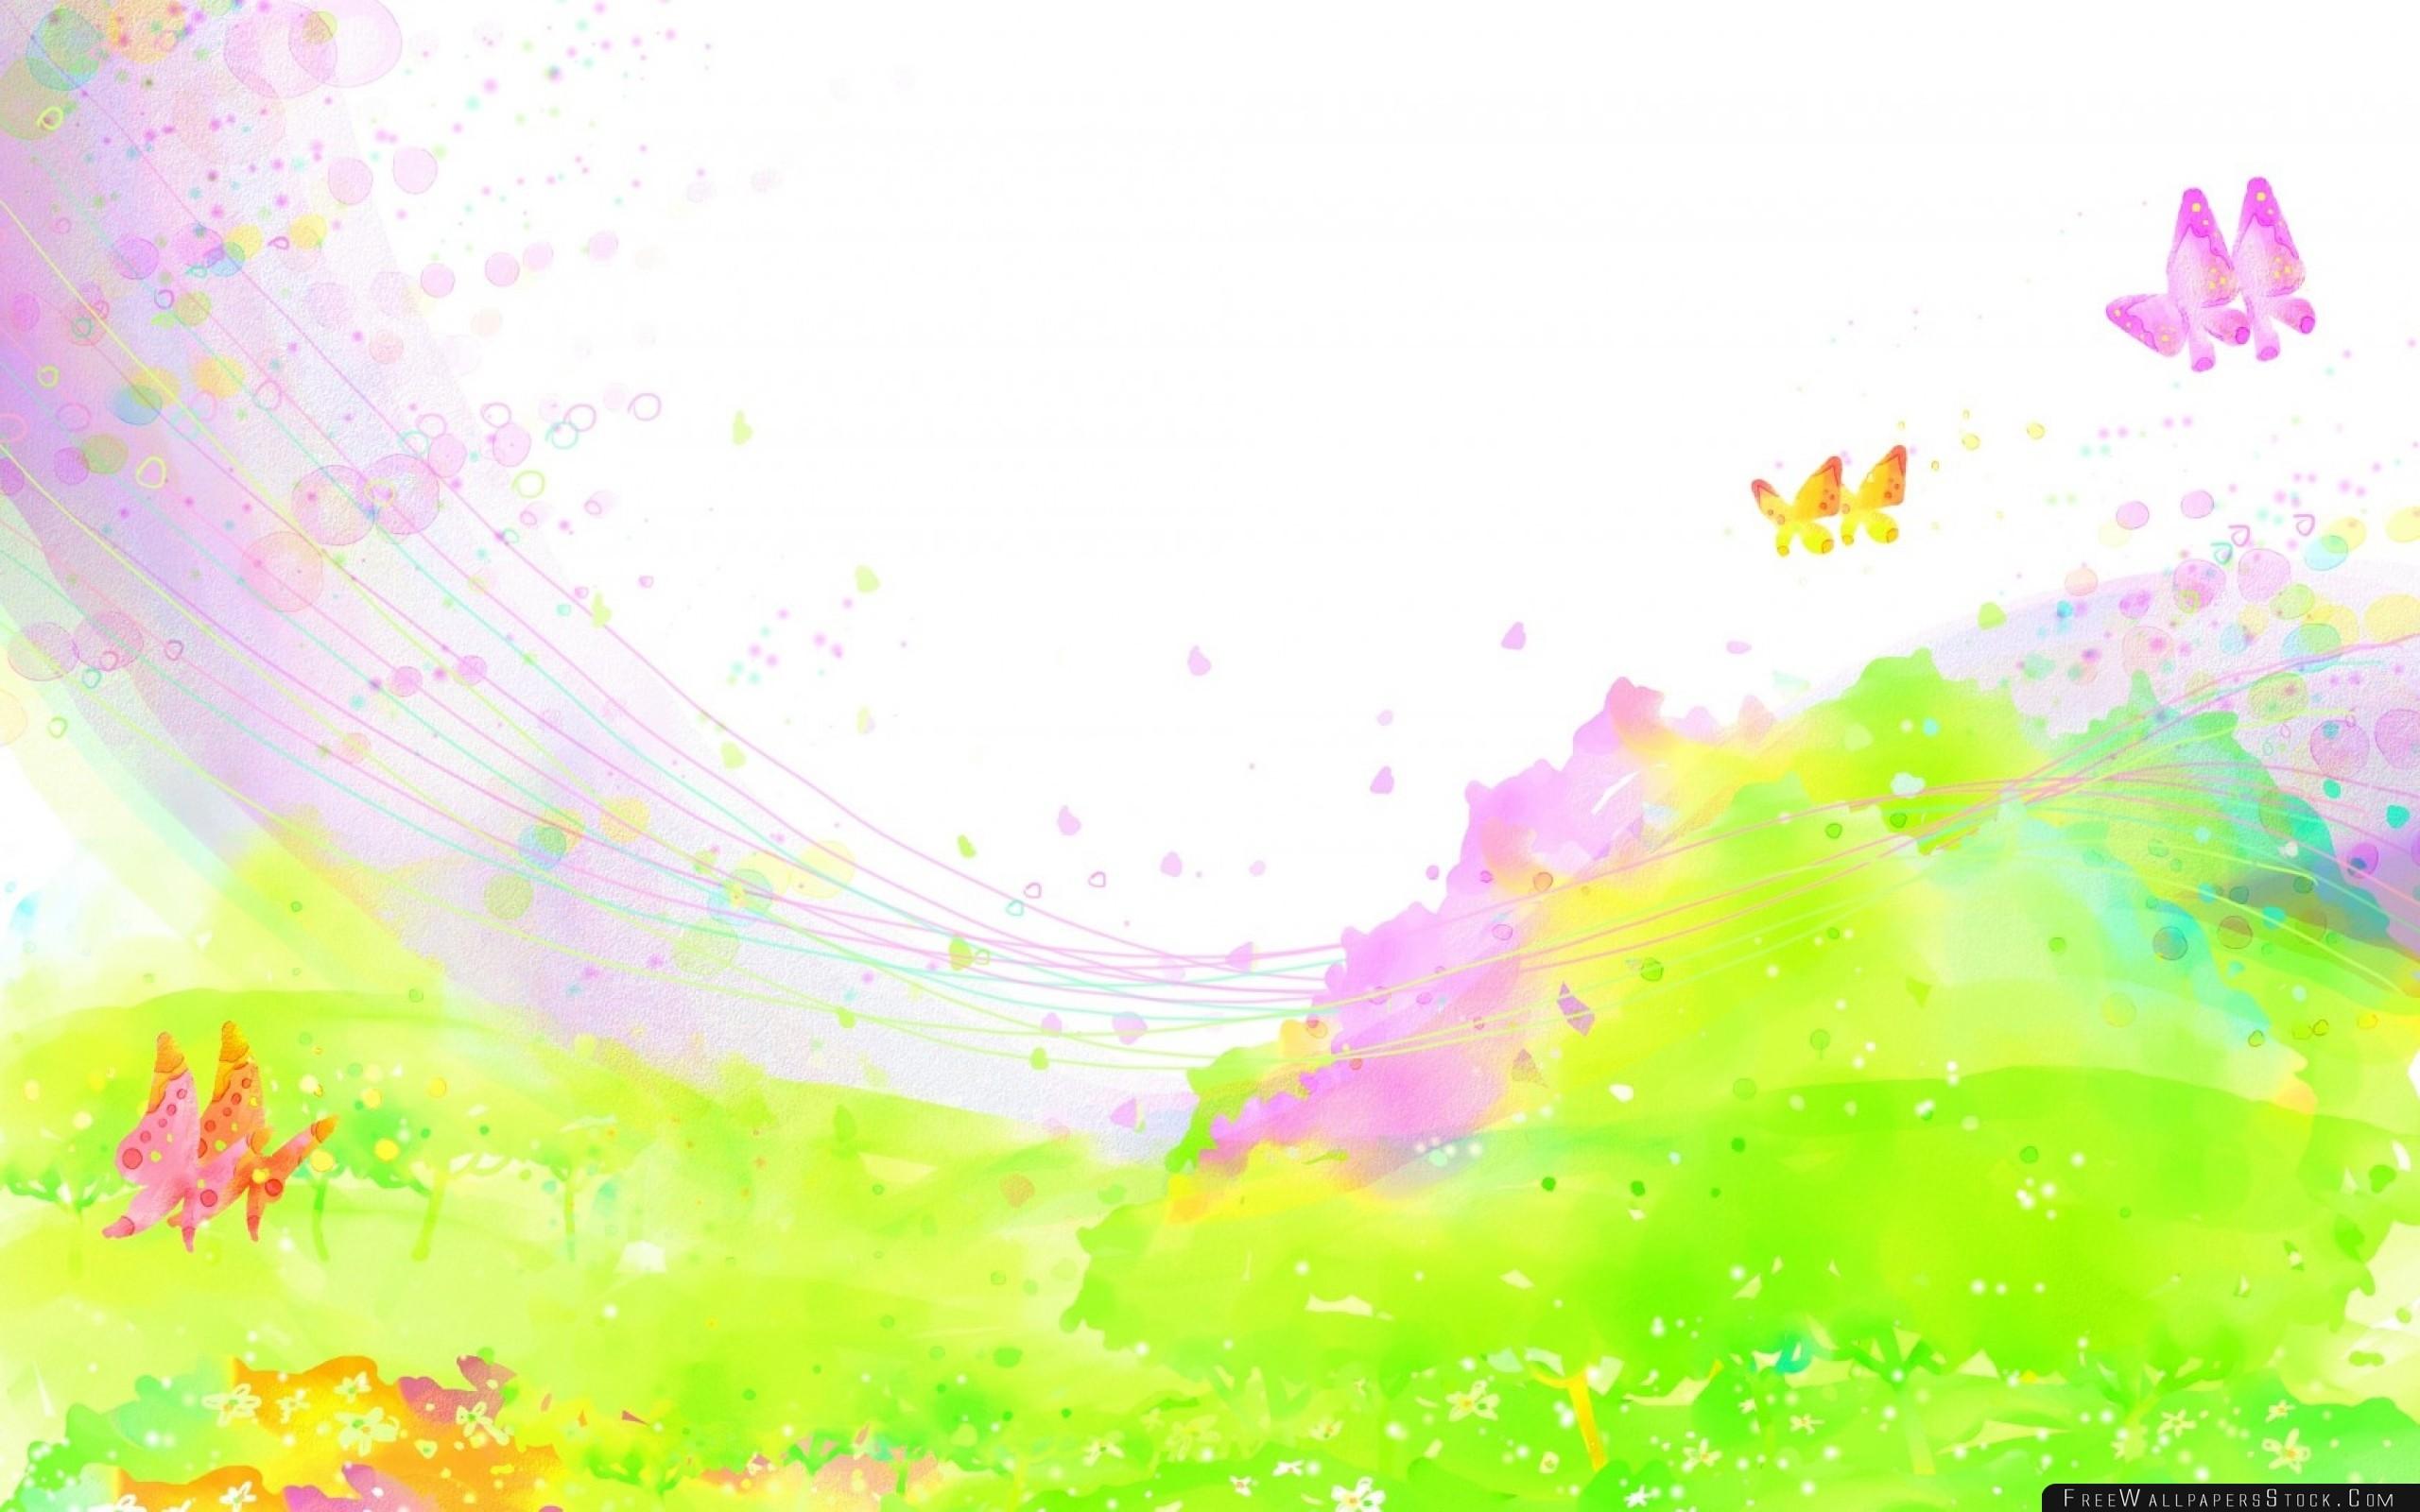 Download Free Wallpaper Paint Spray Field Flowers Butterflies